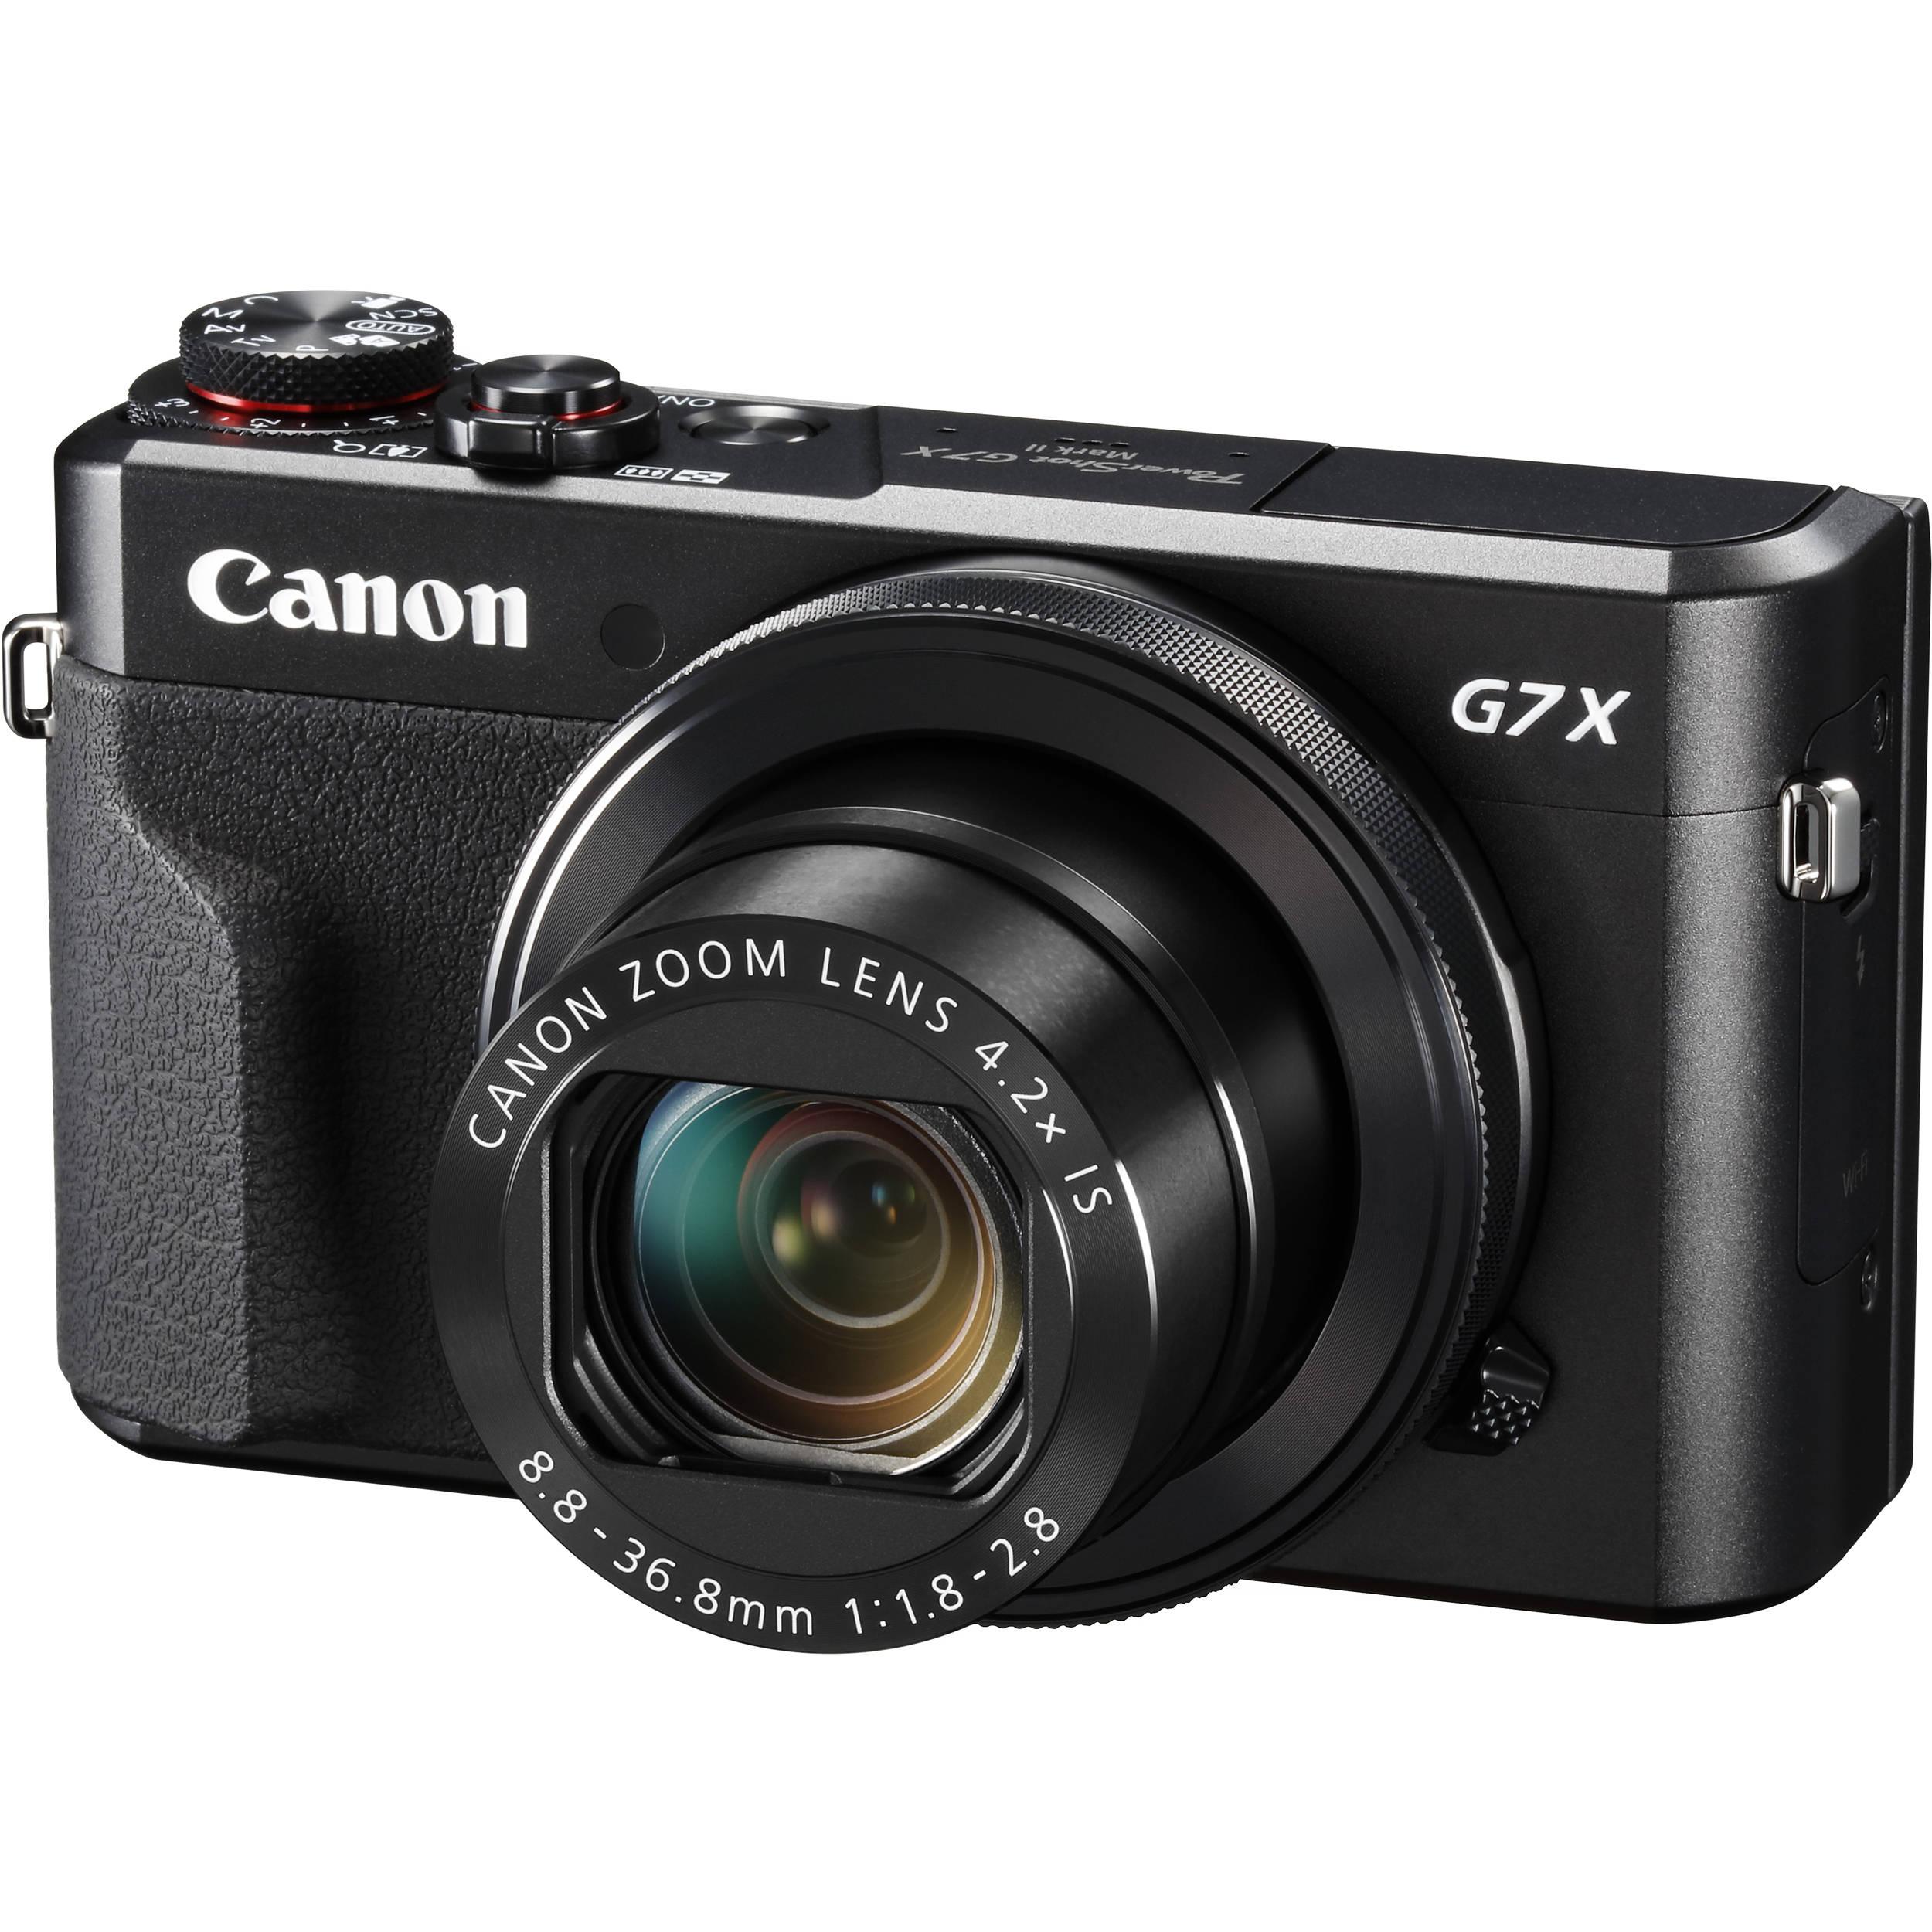 kamera vlog murah - Canon Powershot G7X - 7 Kamera Vlog Murah Terbaik untuk Youtuber Pemula